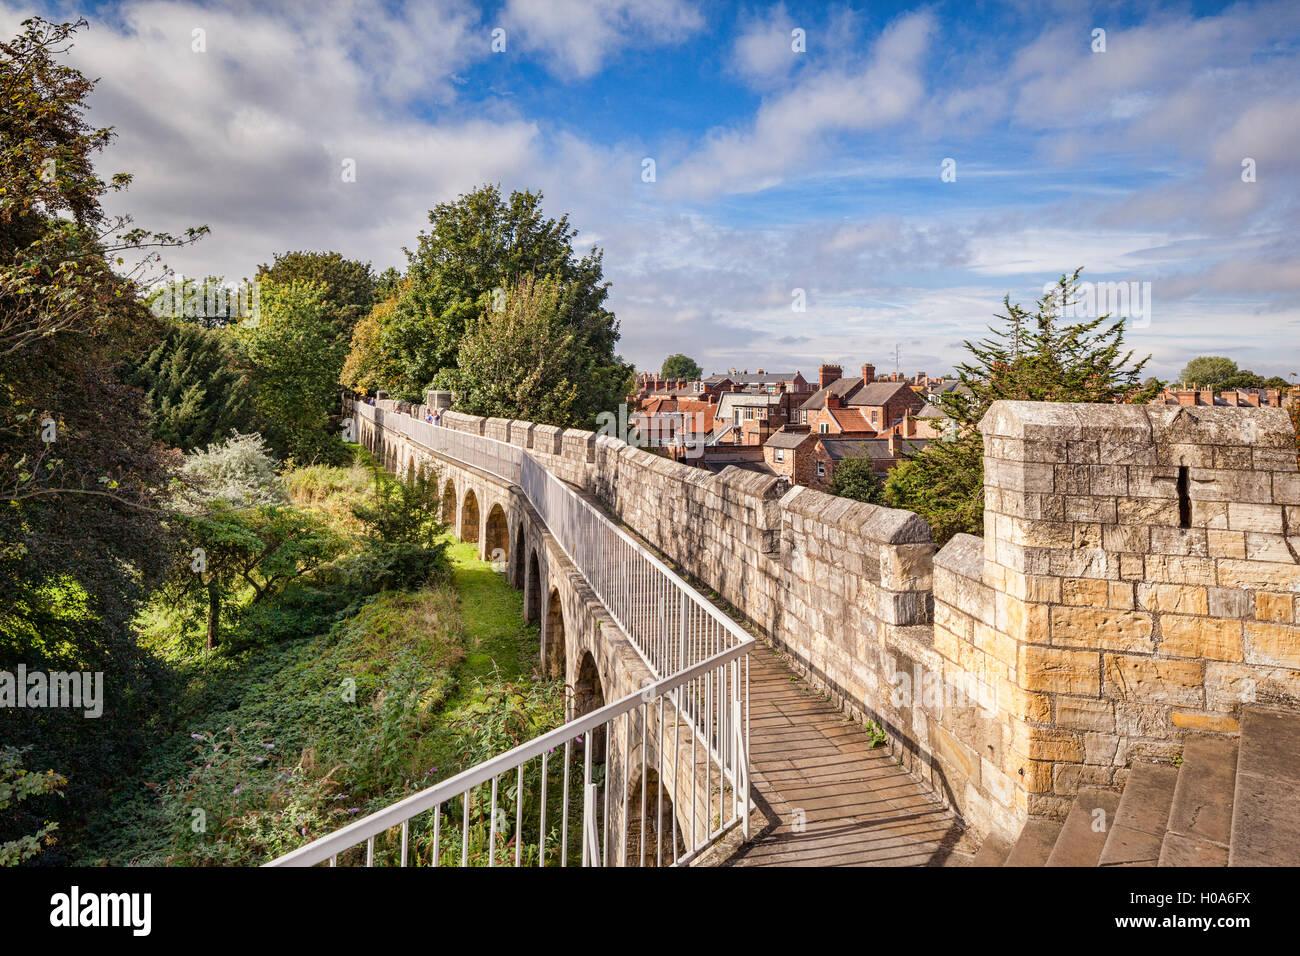 Les murs de la ville de New York, North Yorkshire, England, UK Photo Stock